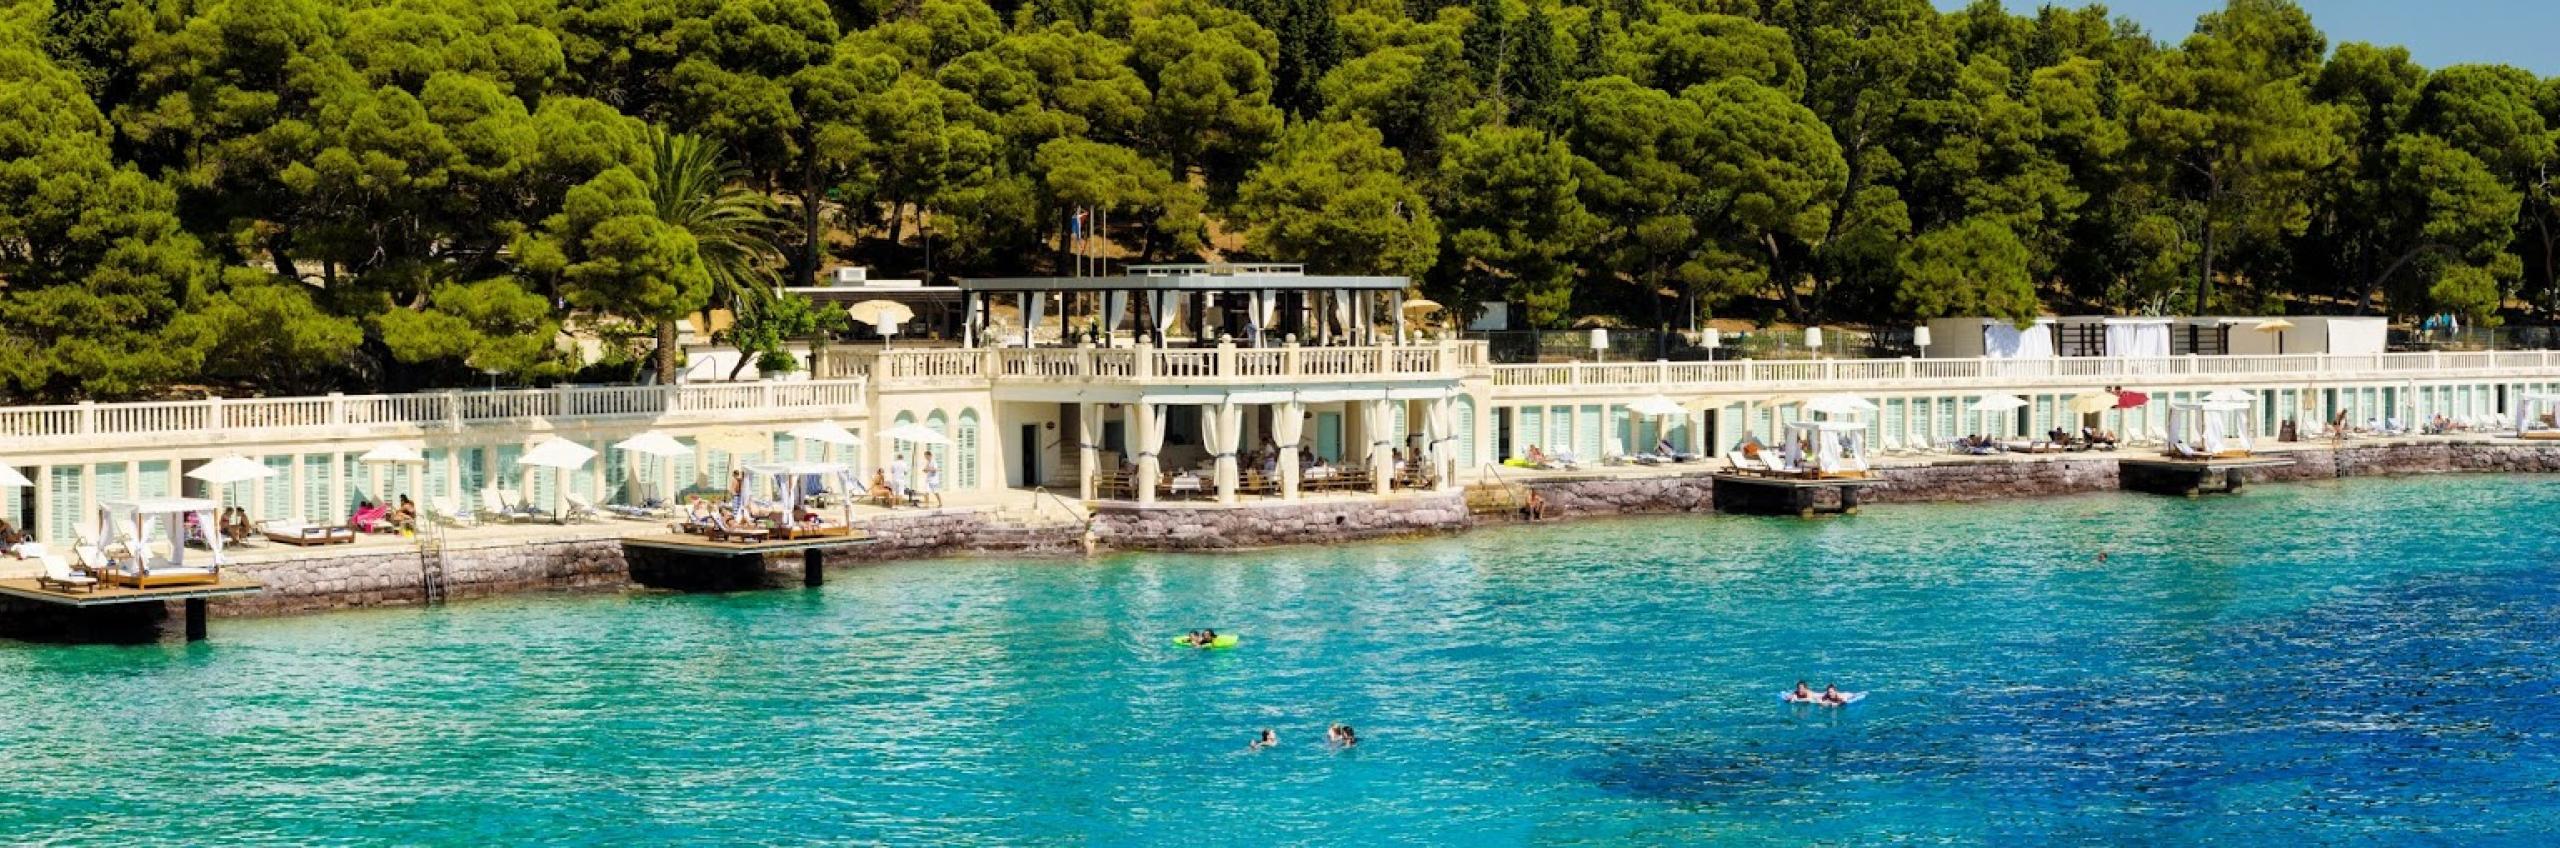 Location de plage à Bonj 'les bains'